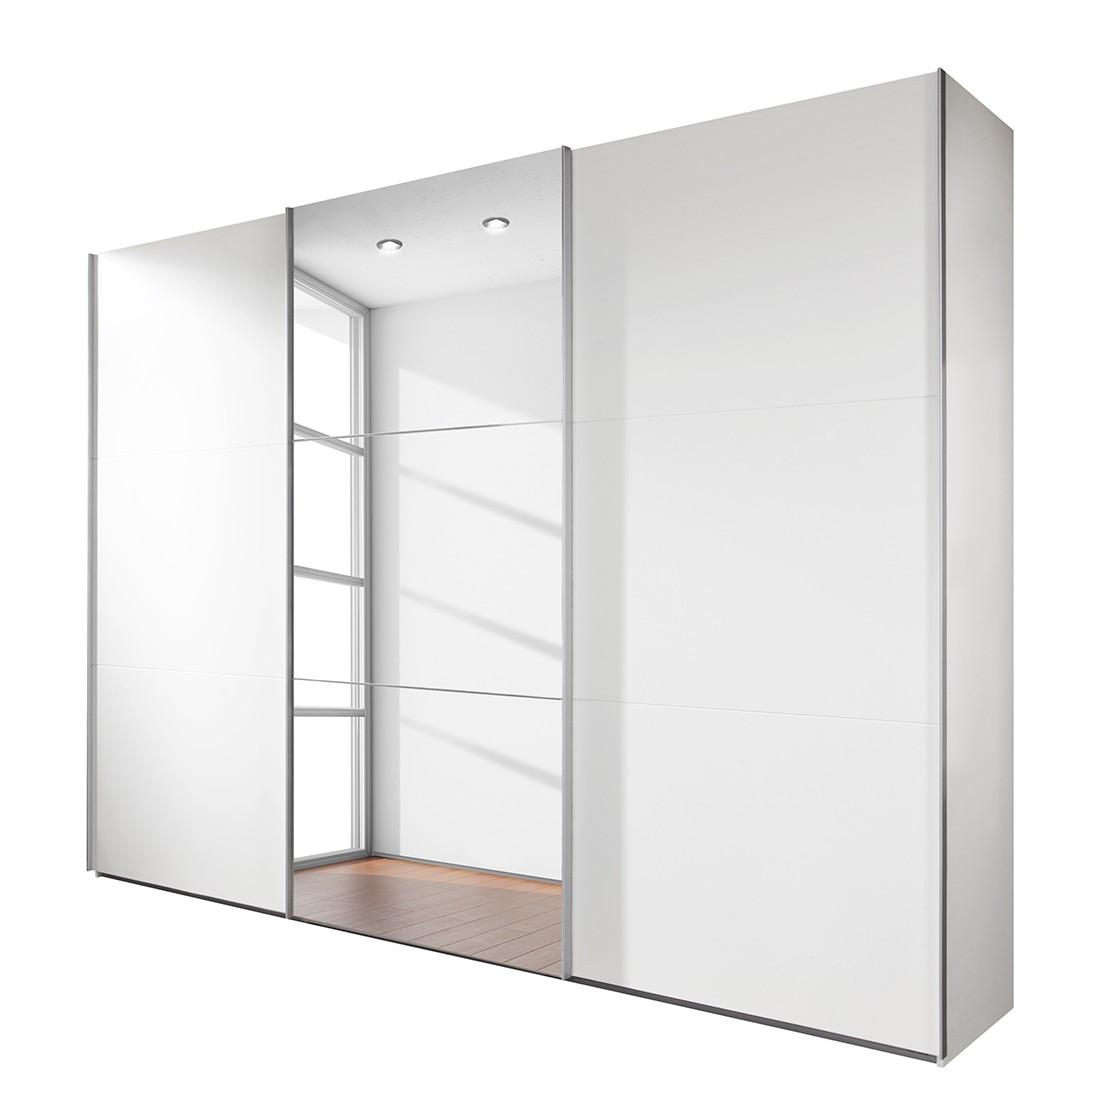 goedkoop Slaapkamercombinatie Medley III met spiegel alpinewit BxH 270x210cm 2 deurs Wimex